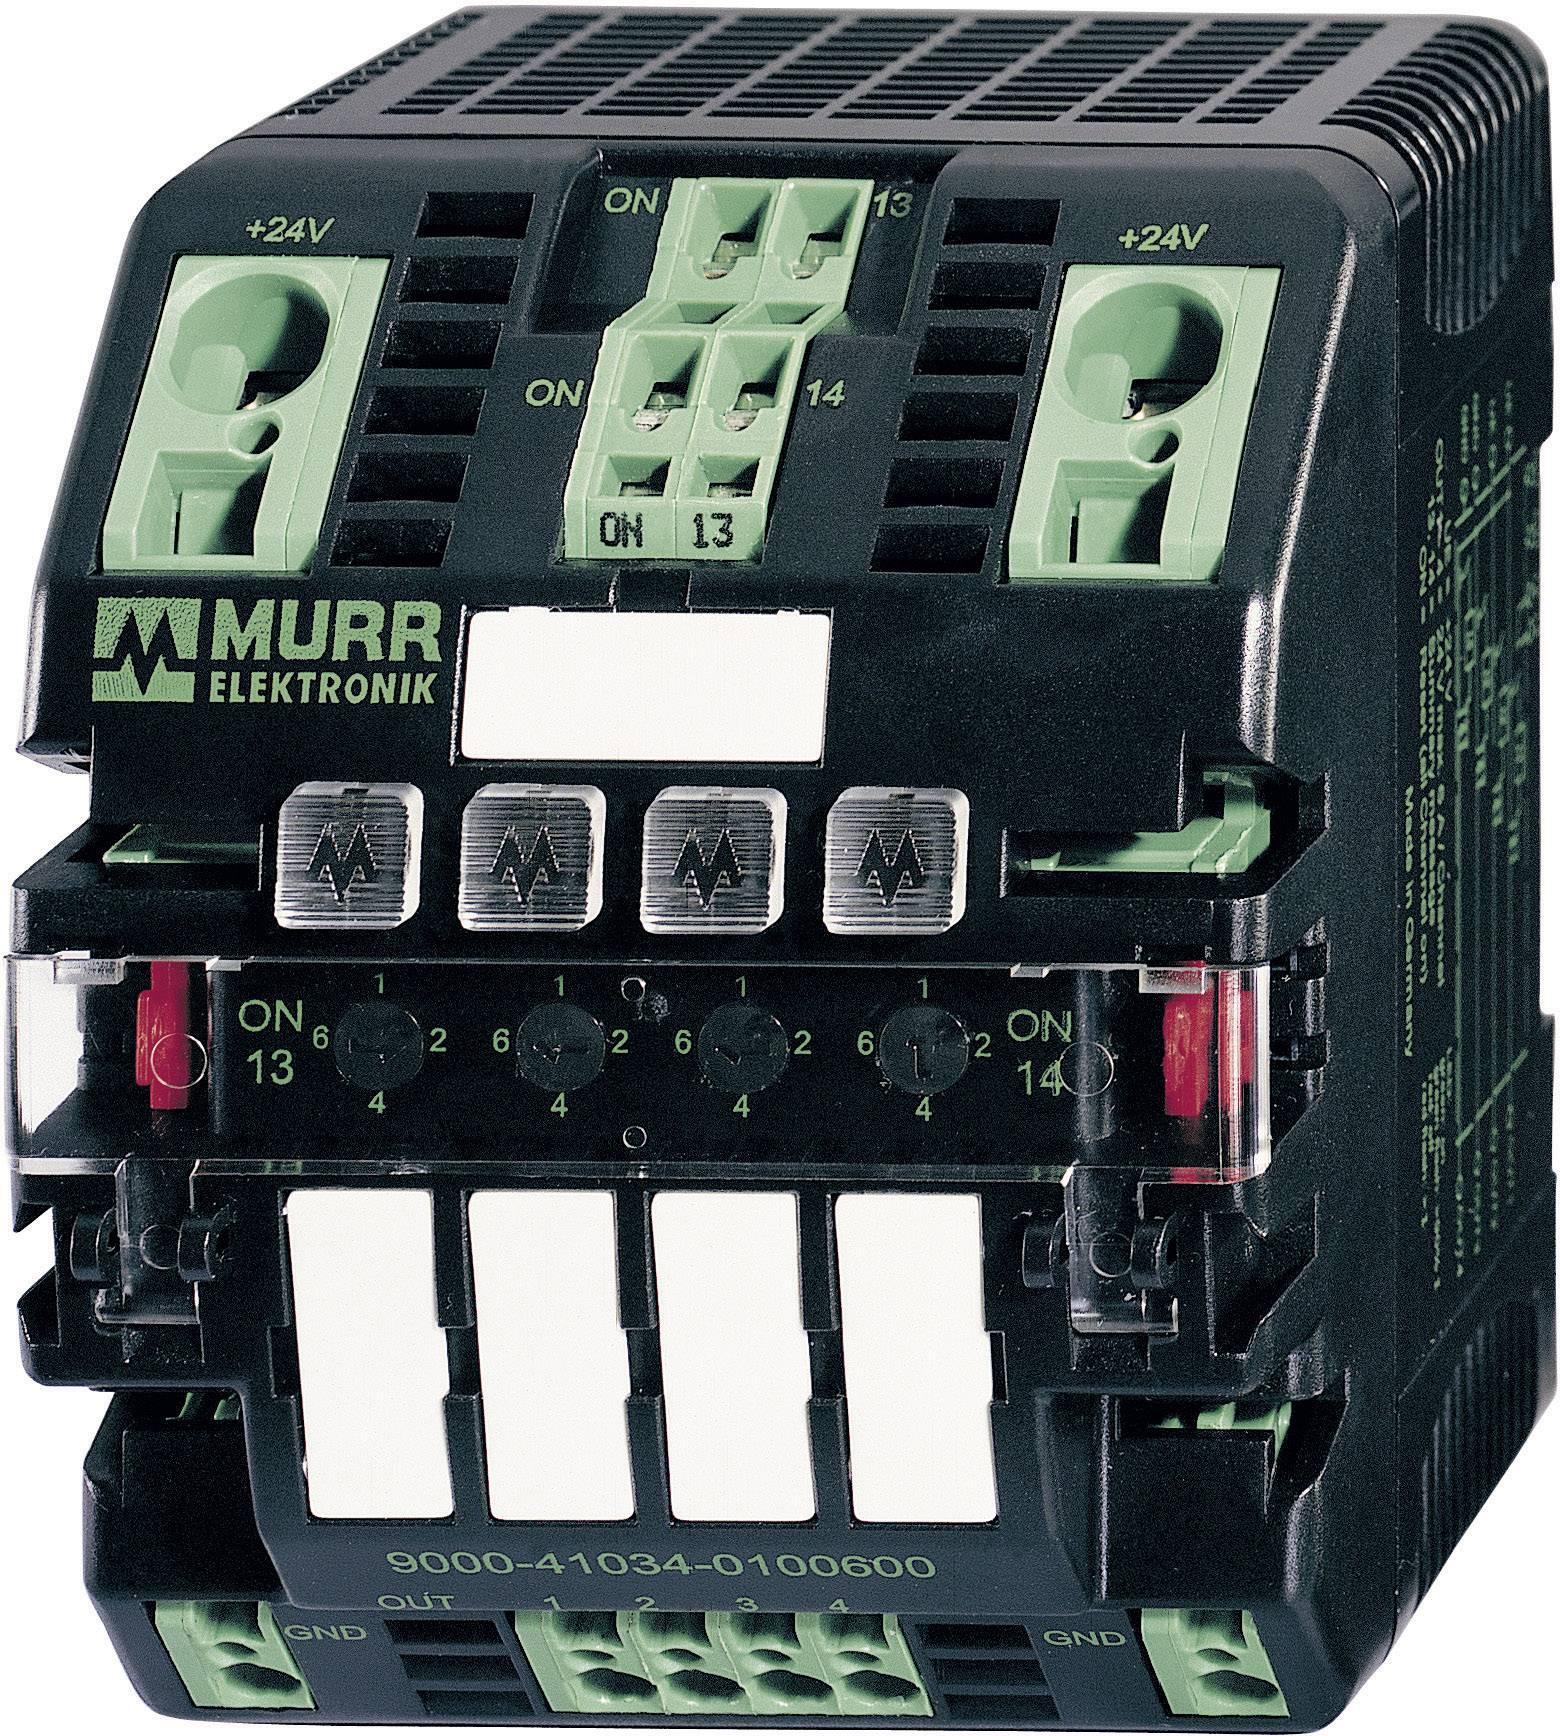 Regulátor zátěže Murr Elektronik Mico 4.4 na DIN lištu, 24 V/DC, max.4 A